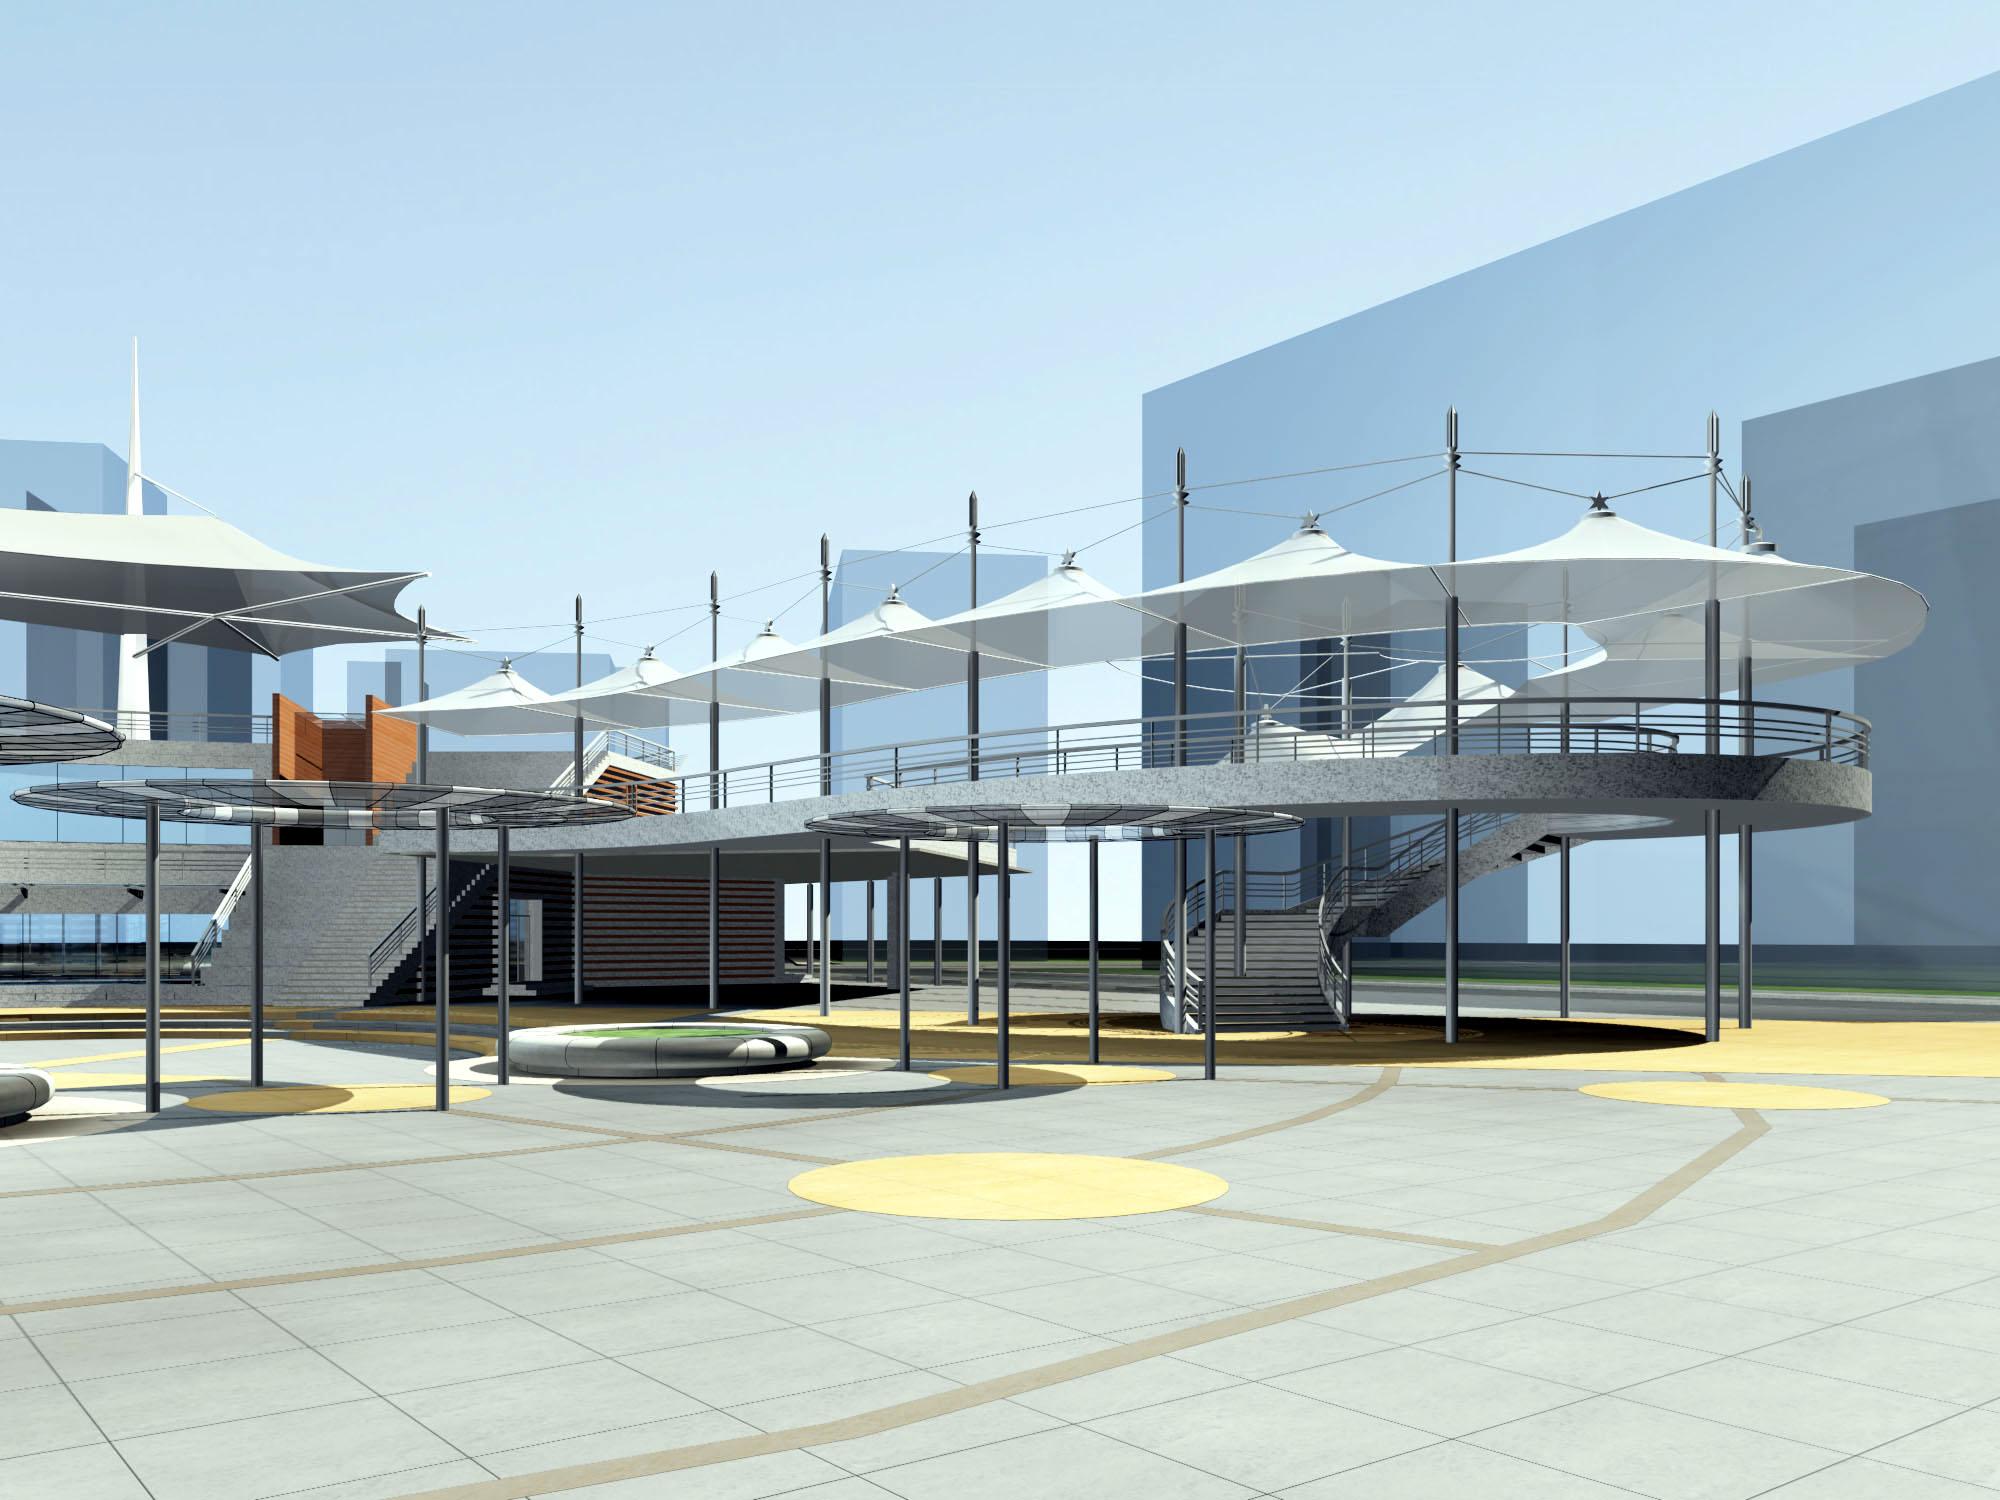 深圳市筑宇空间膜技术开发有限公司,拥有自己的膜结构工厂,一流的